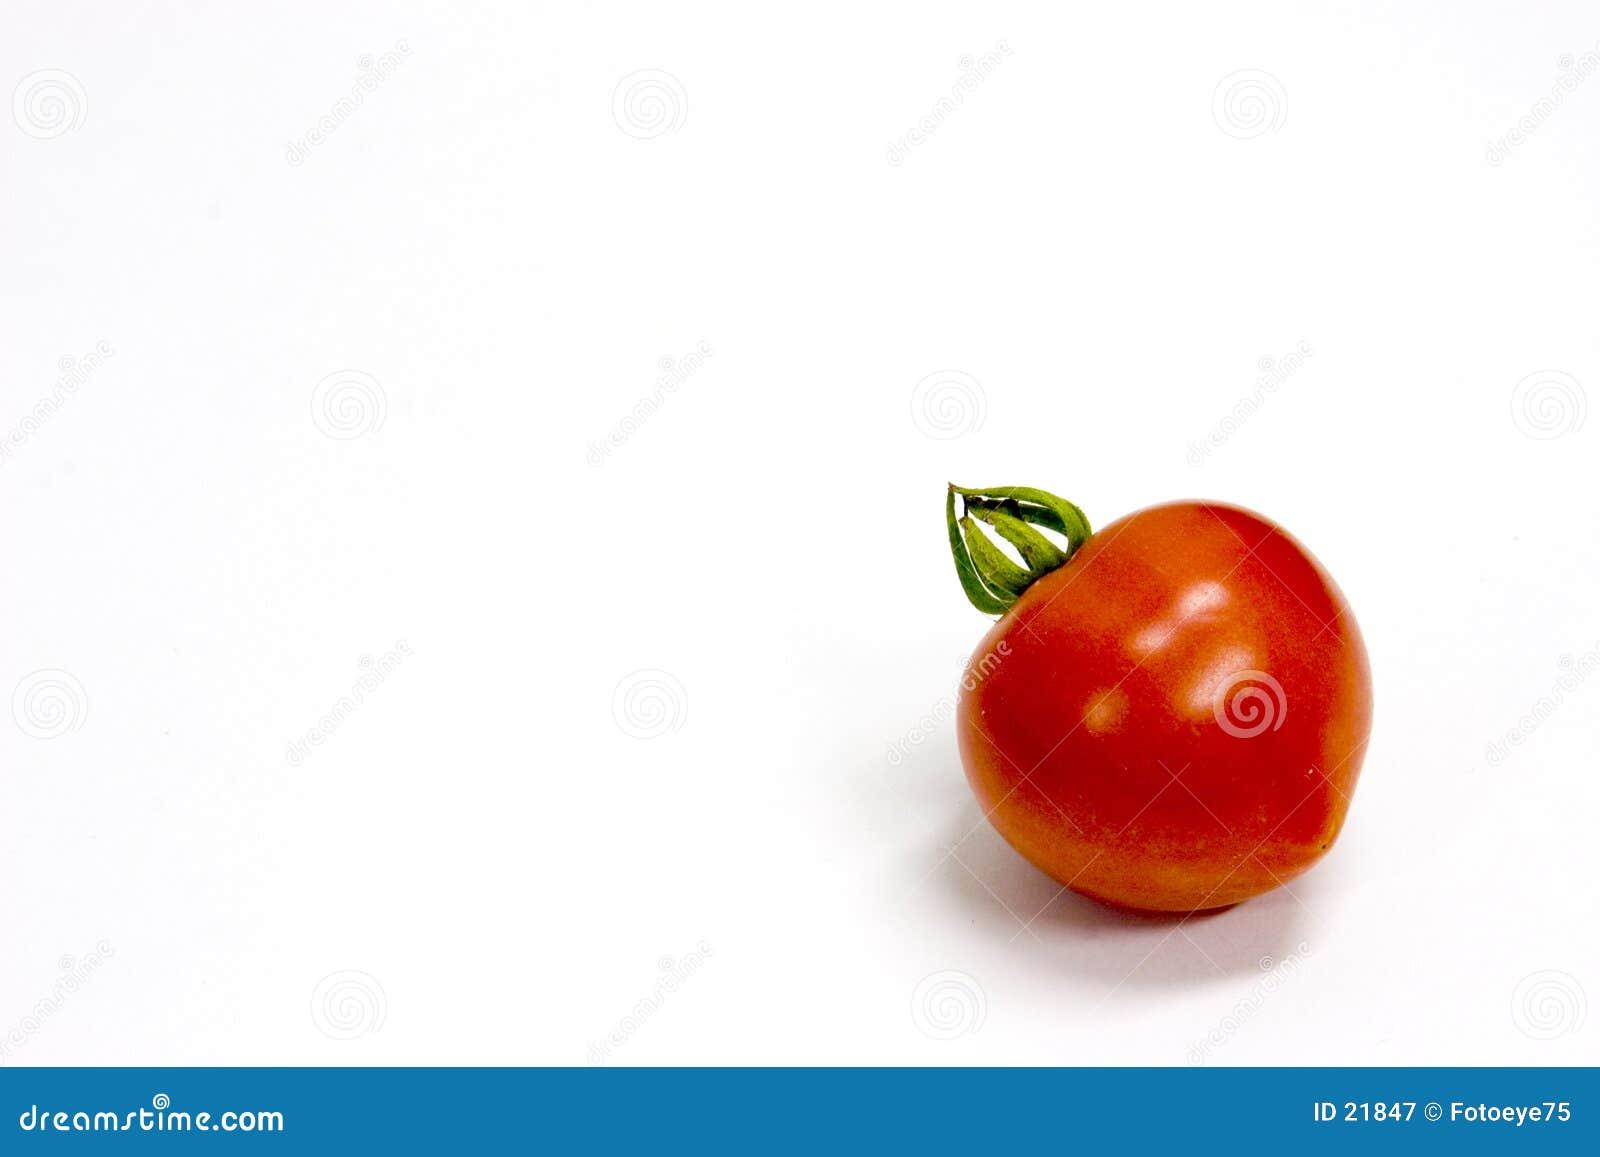 Tomatoe виноградины